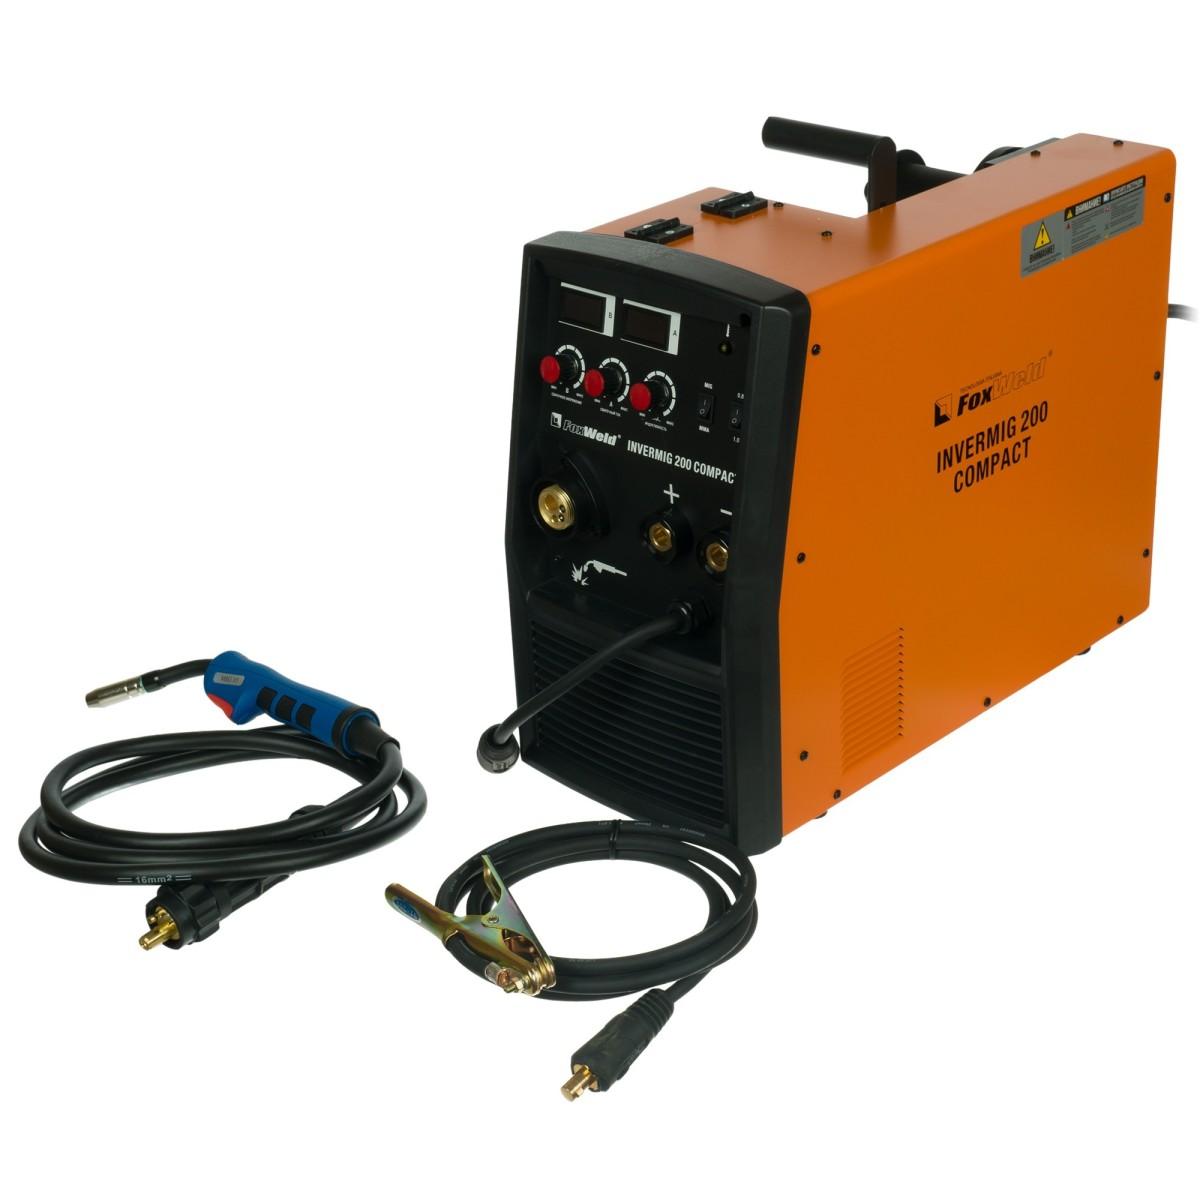 Сварочный аппарат инверторный полуавтомат FoxWeld INVERMIG 200 COMPACT 6144